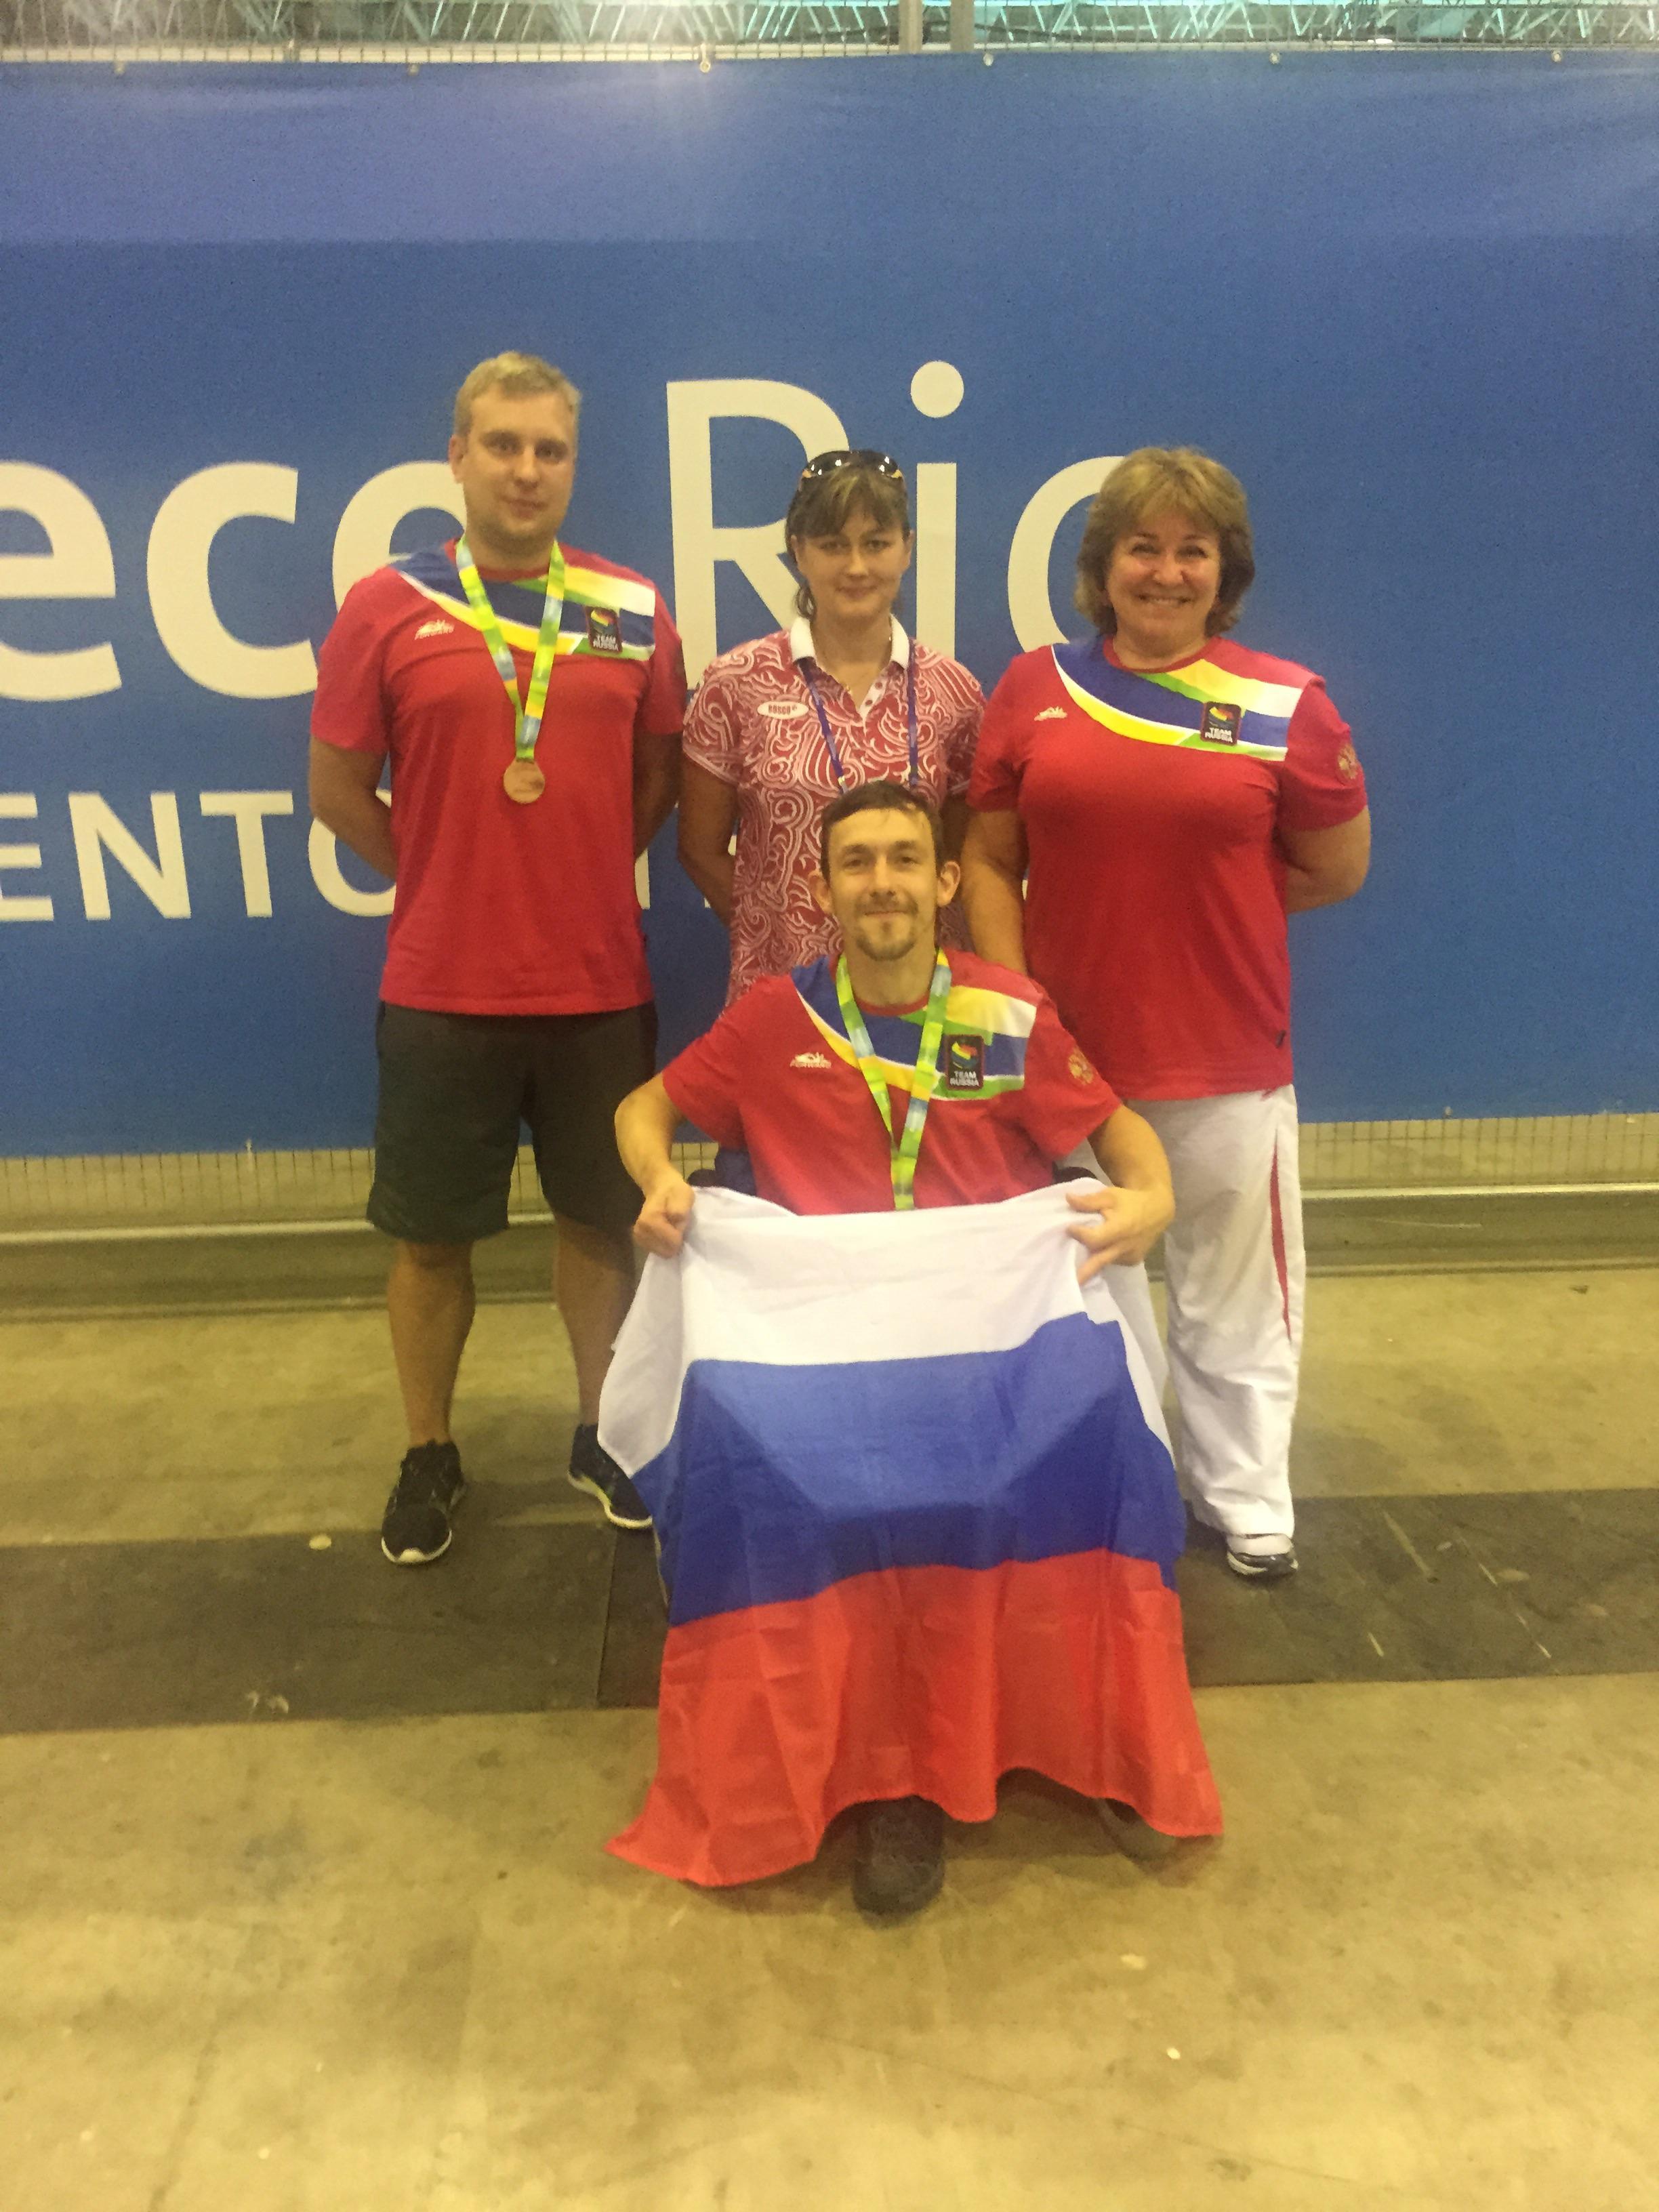 Россиянин Михаил Гутник завоевал бронзовую награду на тестовых соревнованиях Паралимпийских игр-2016 в Бразилии по бочча